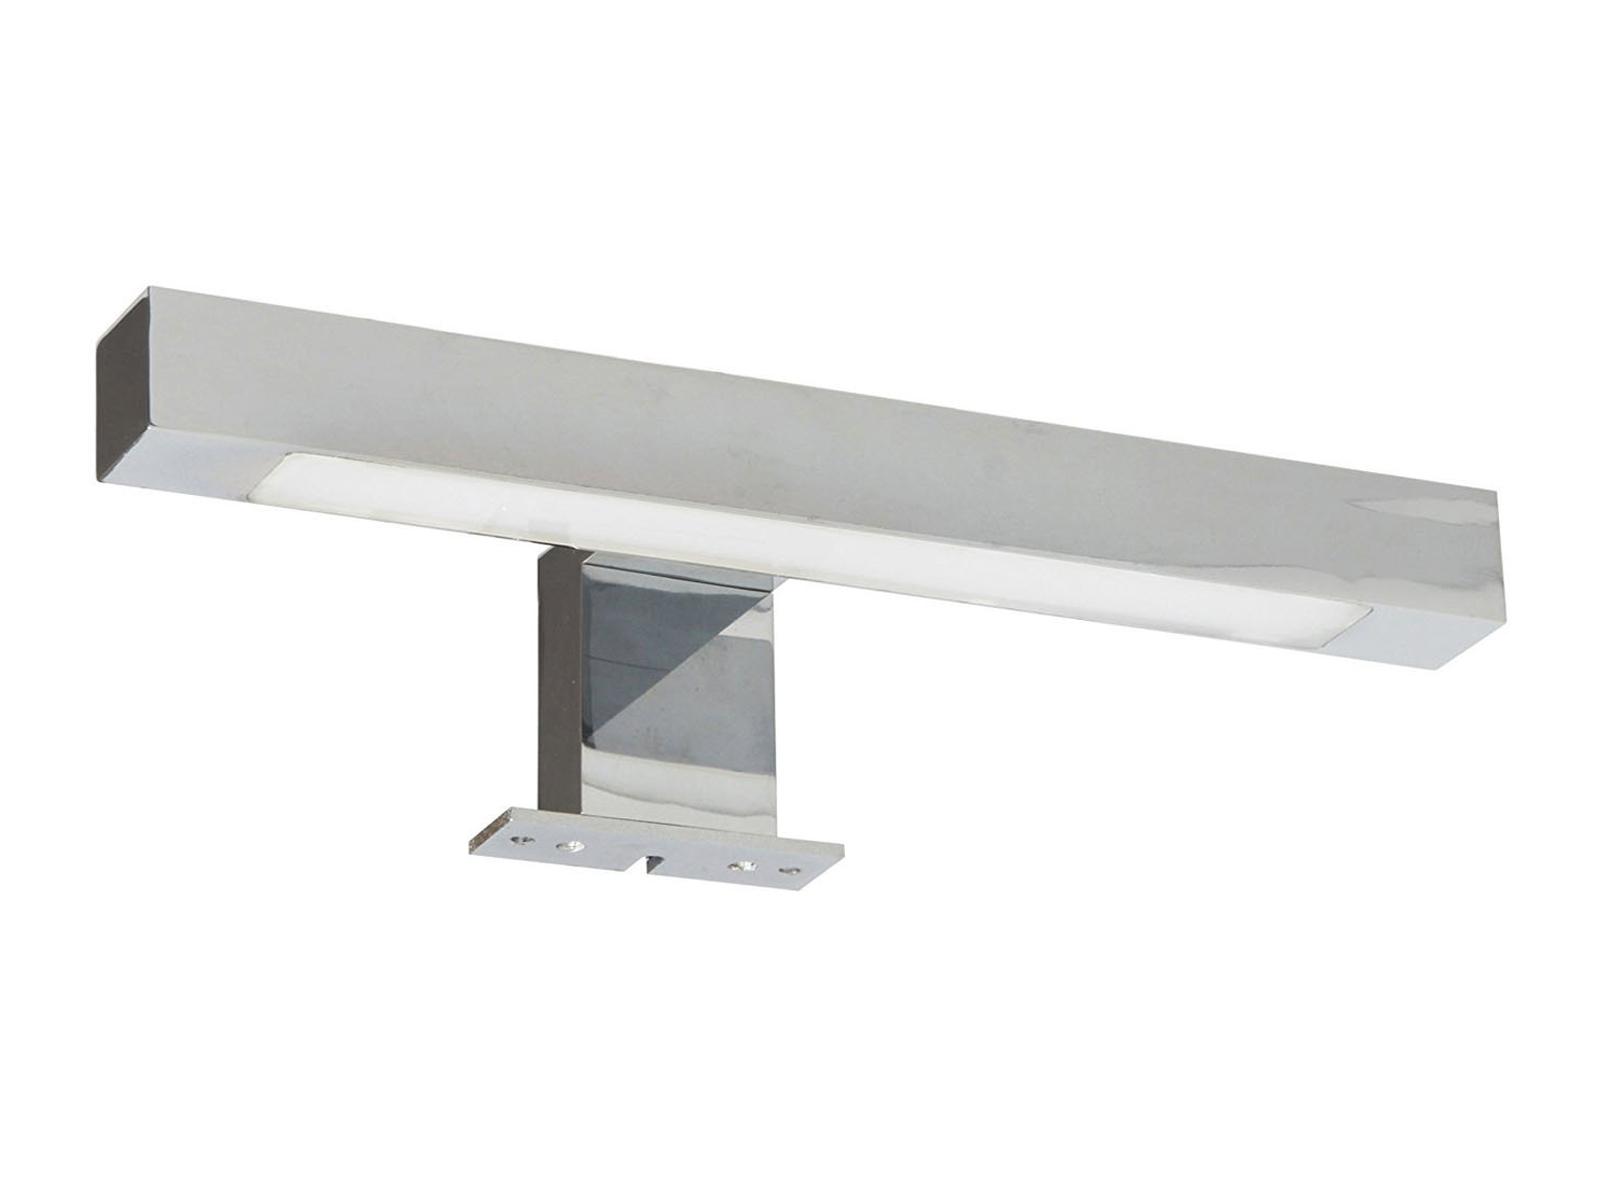 Moderne, Chrom glänzende LED Spiegelleuchte REGGIANA fürs Badezimmer ...